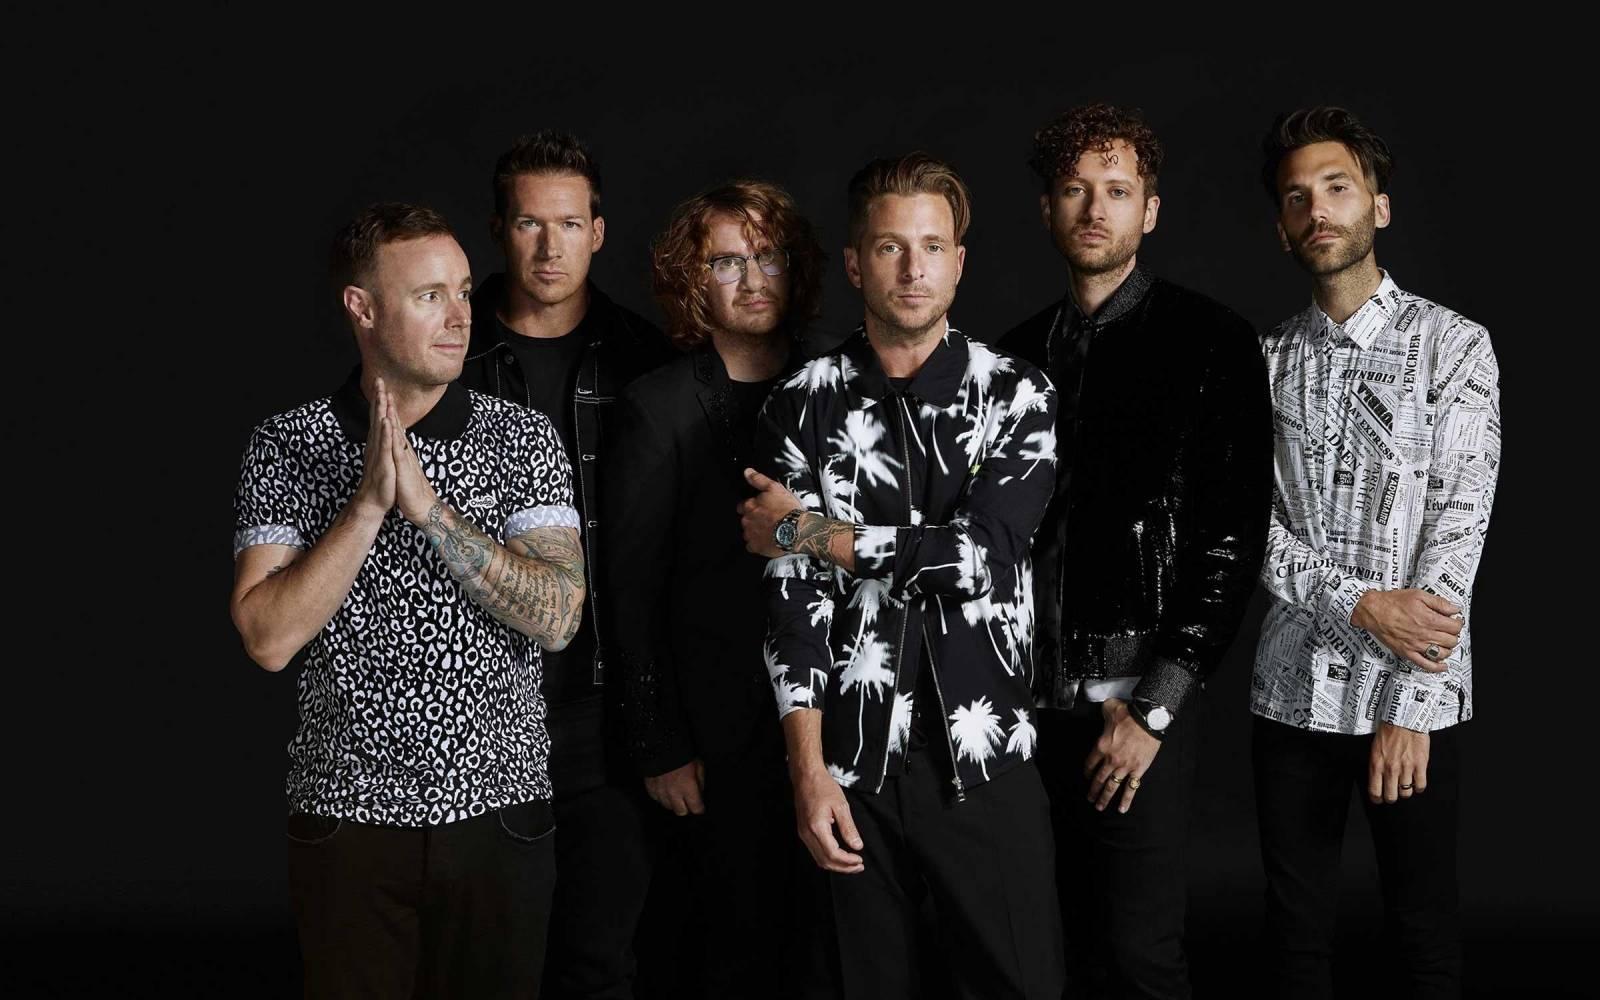 TOP 7 videoklipů týdne: No Name slaví 25 let, Like-It zpívají o domově a Skyline natáčeli na Bali